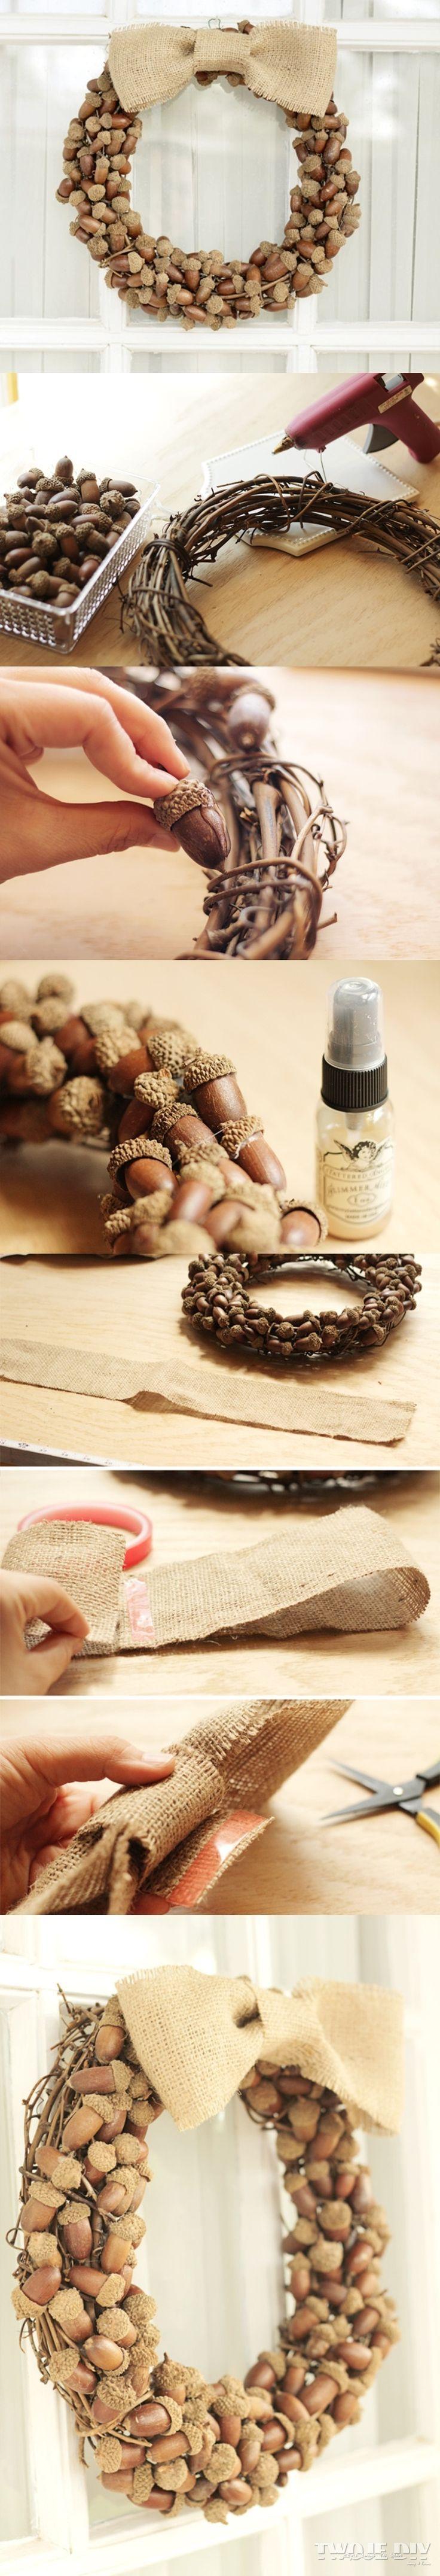 Jesienne dekoracje #DIY #handmade #autumn